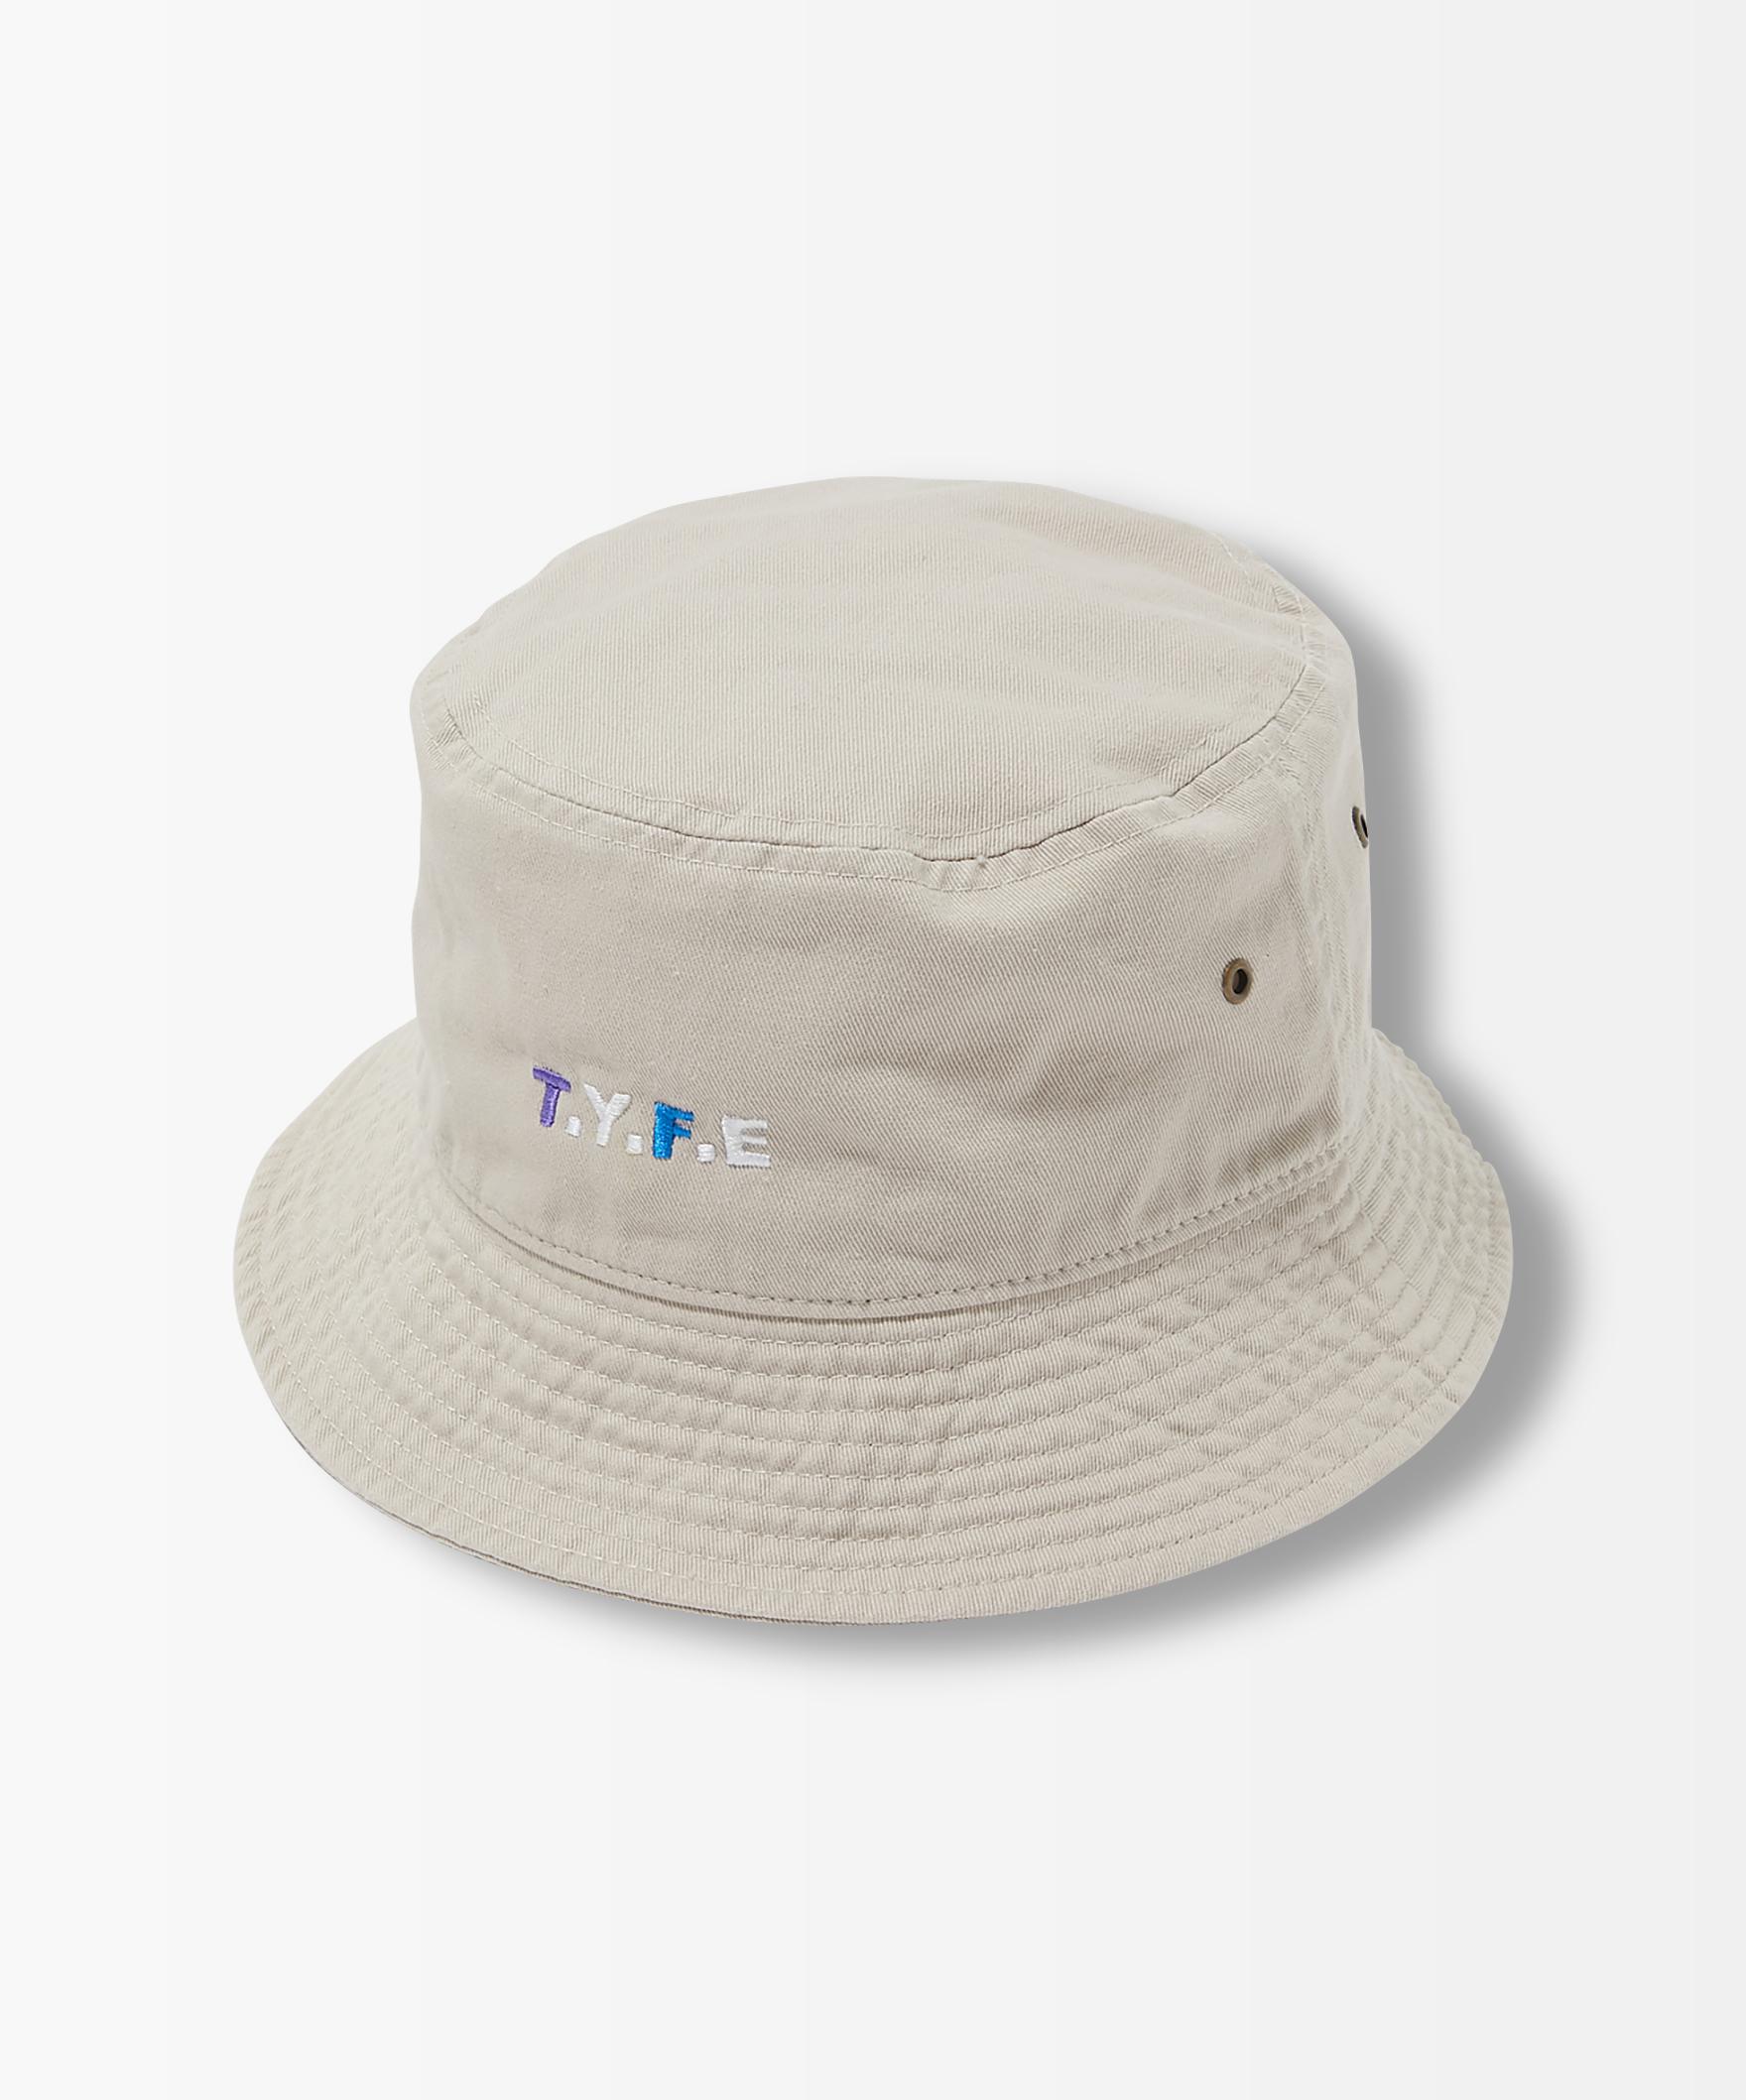 T.Y.F.E BUCKET HAT